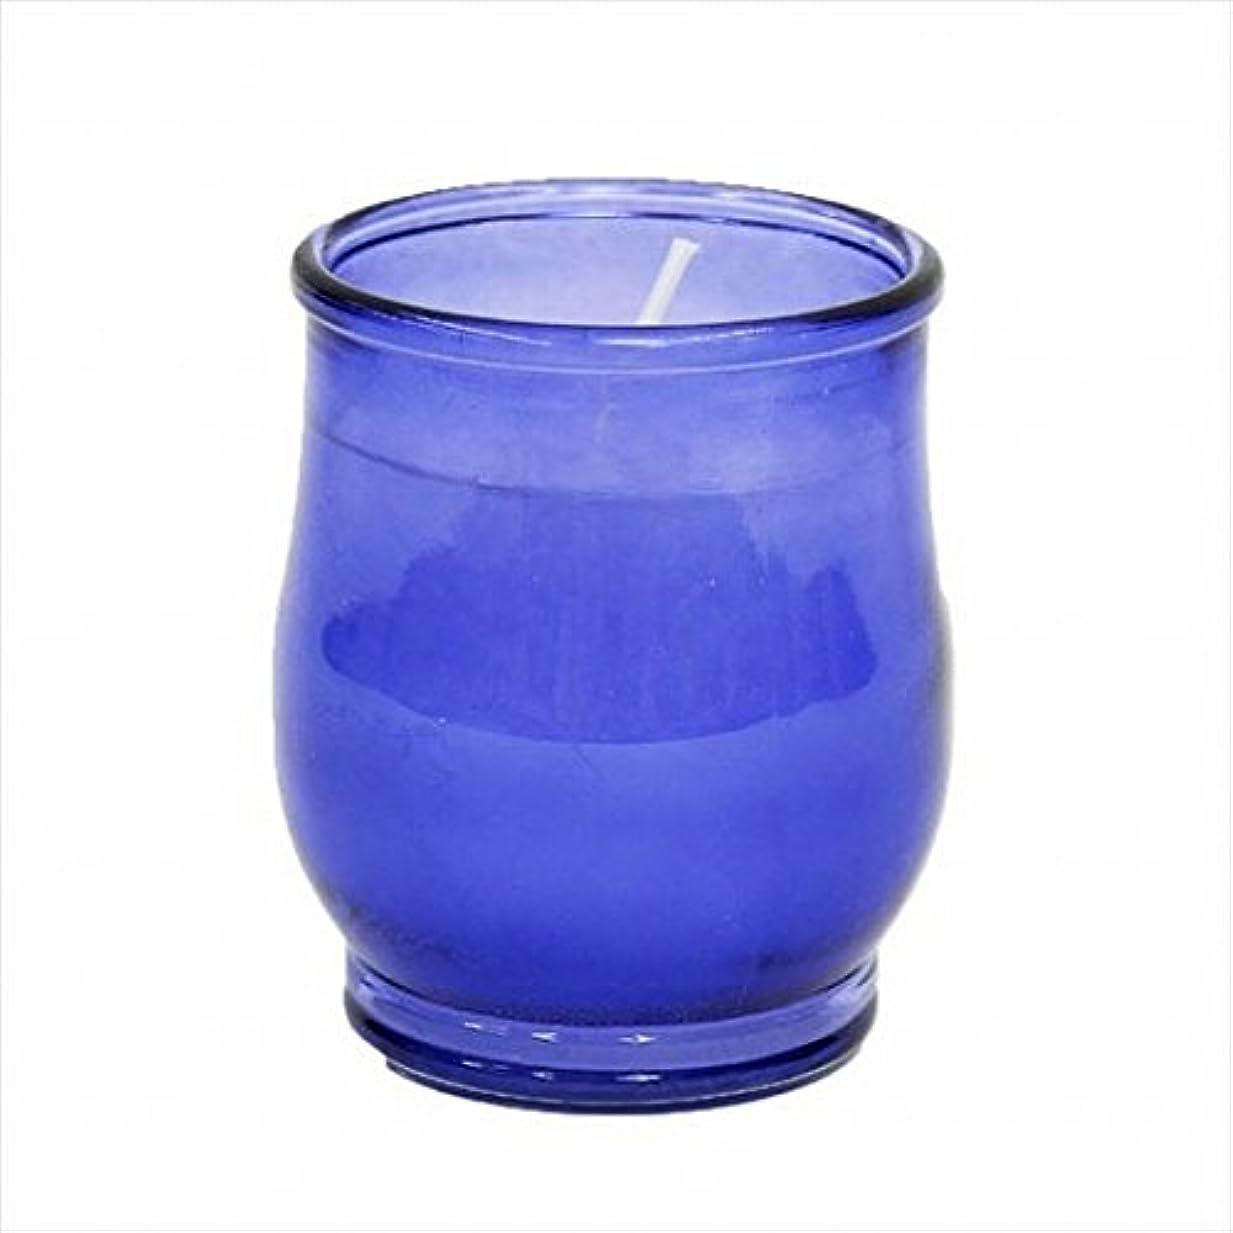 週末不愉快モールス信号カメヤマキャンドル(kameyama candle) ポシェ(非常用コップローソク) 「 ブルー(ライトカラー) 」